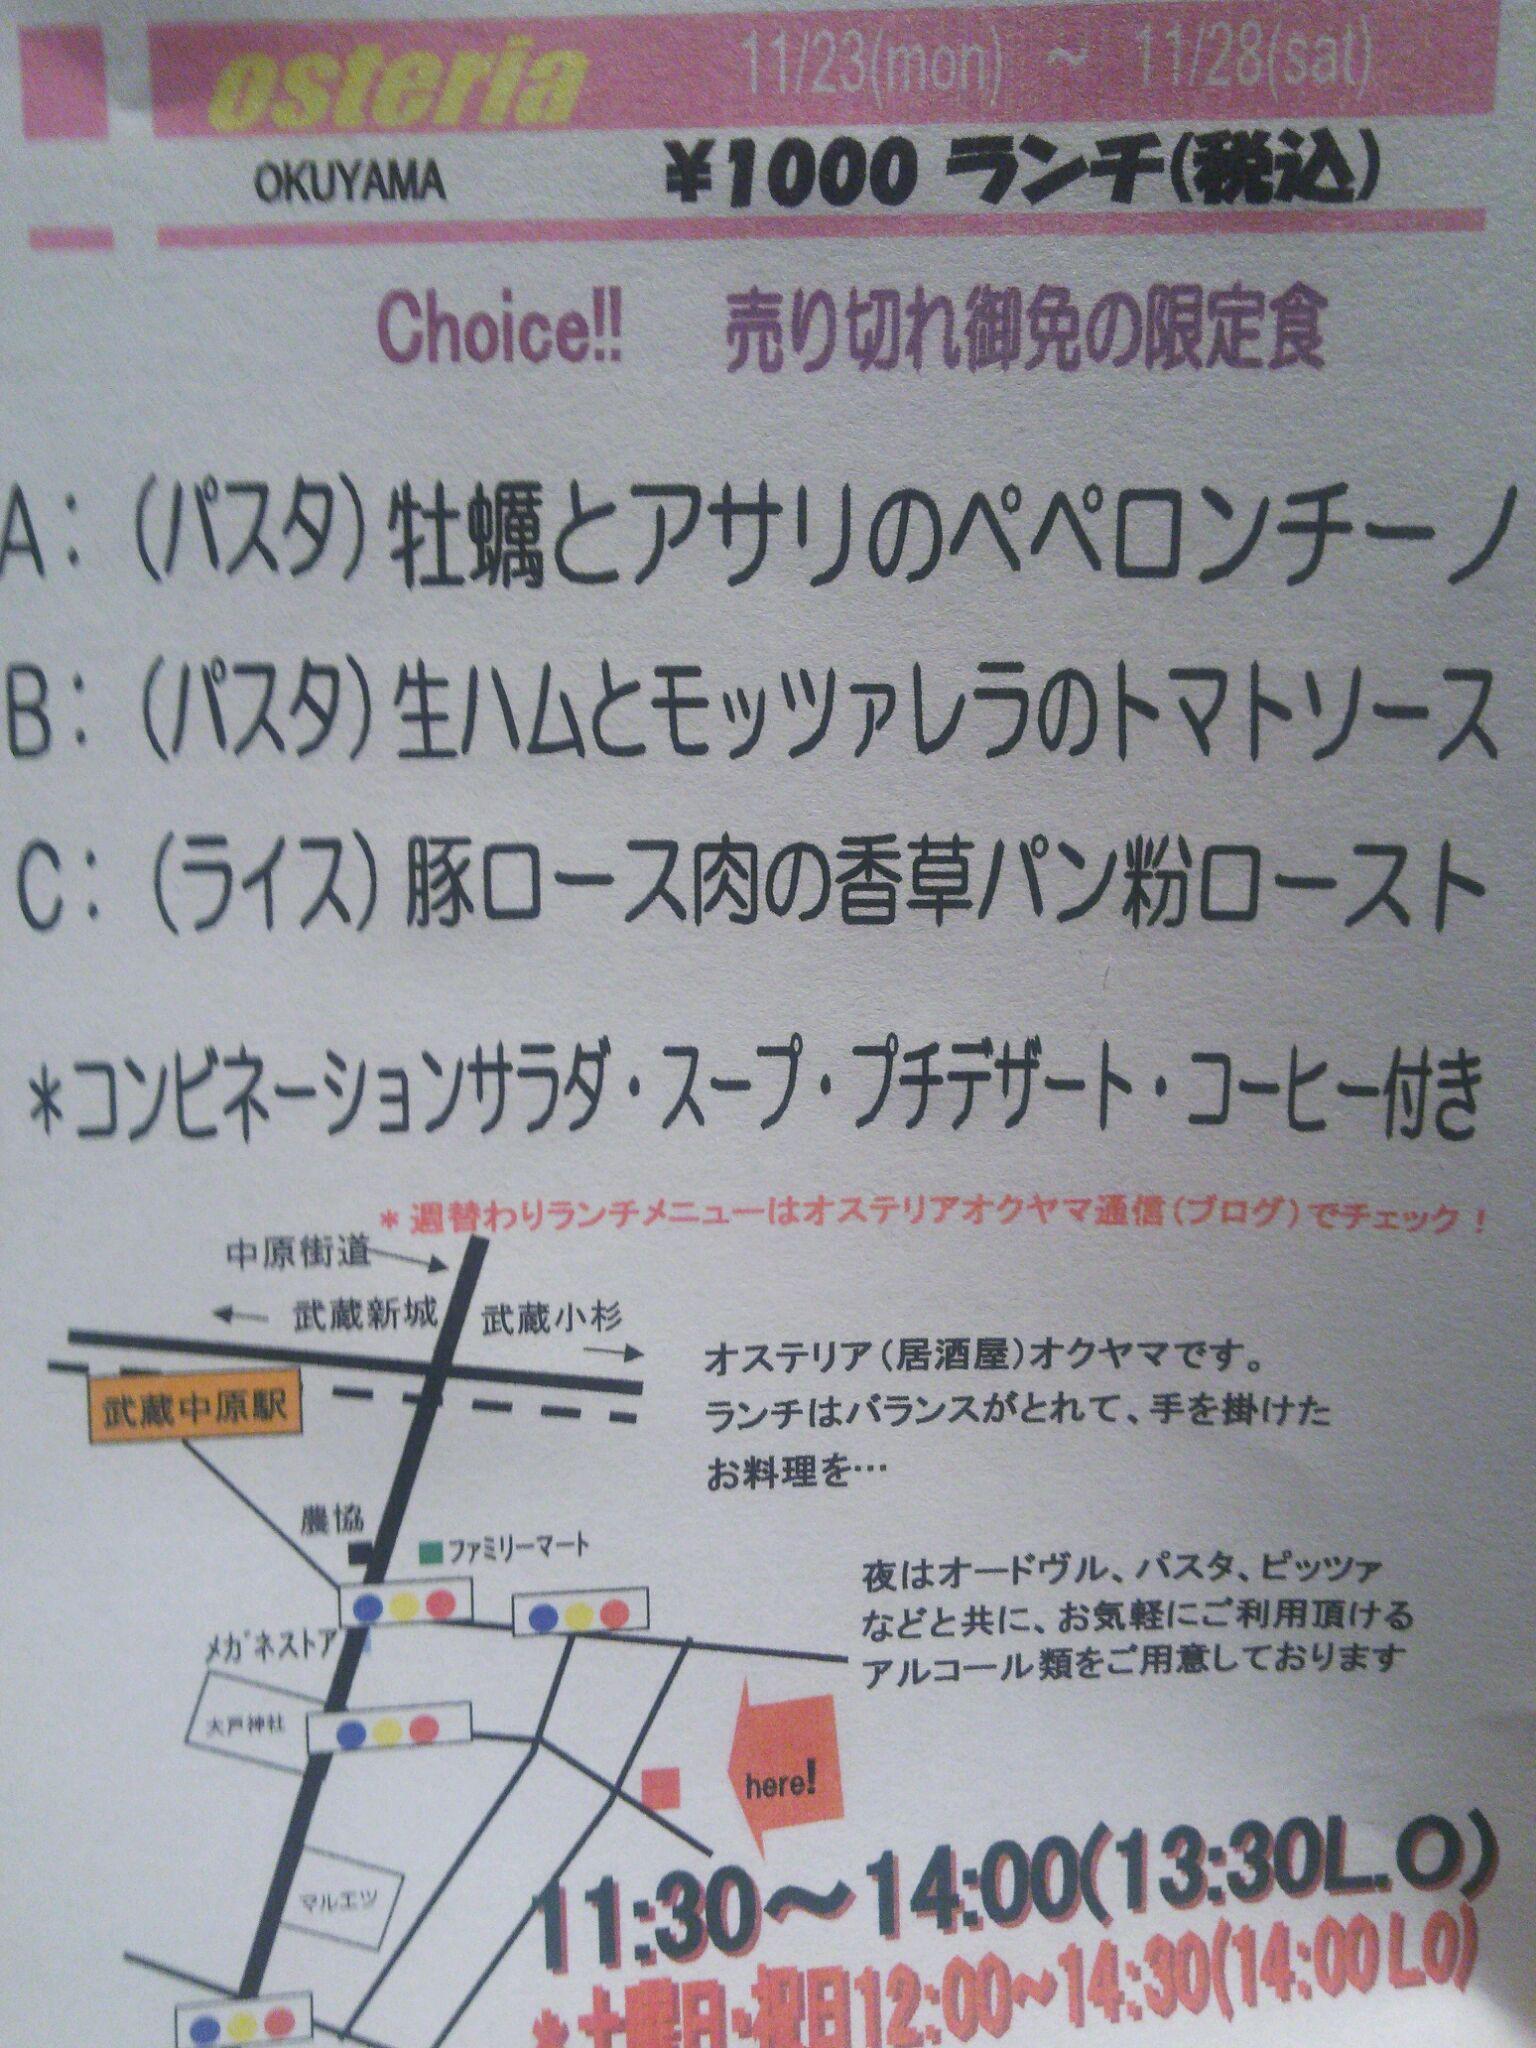 11/23(月)〜11/28(土)ランチ